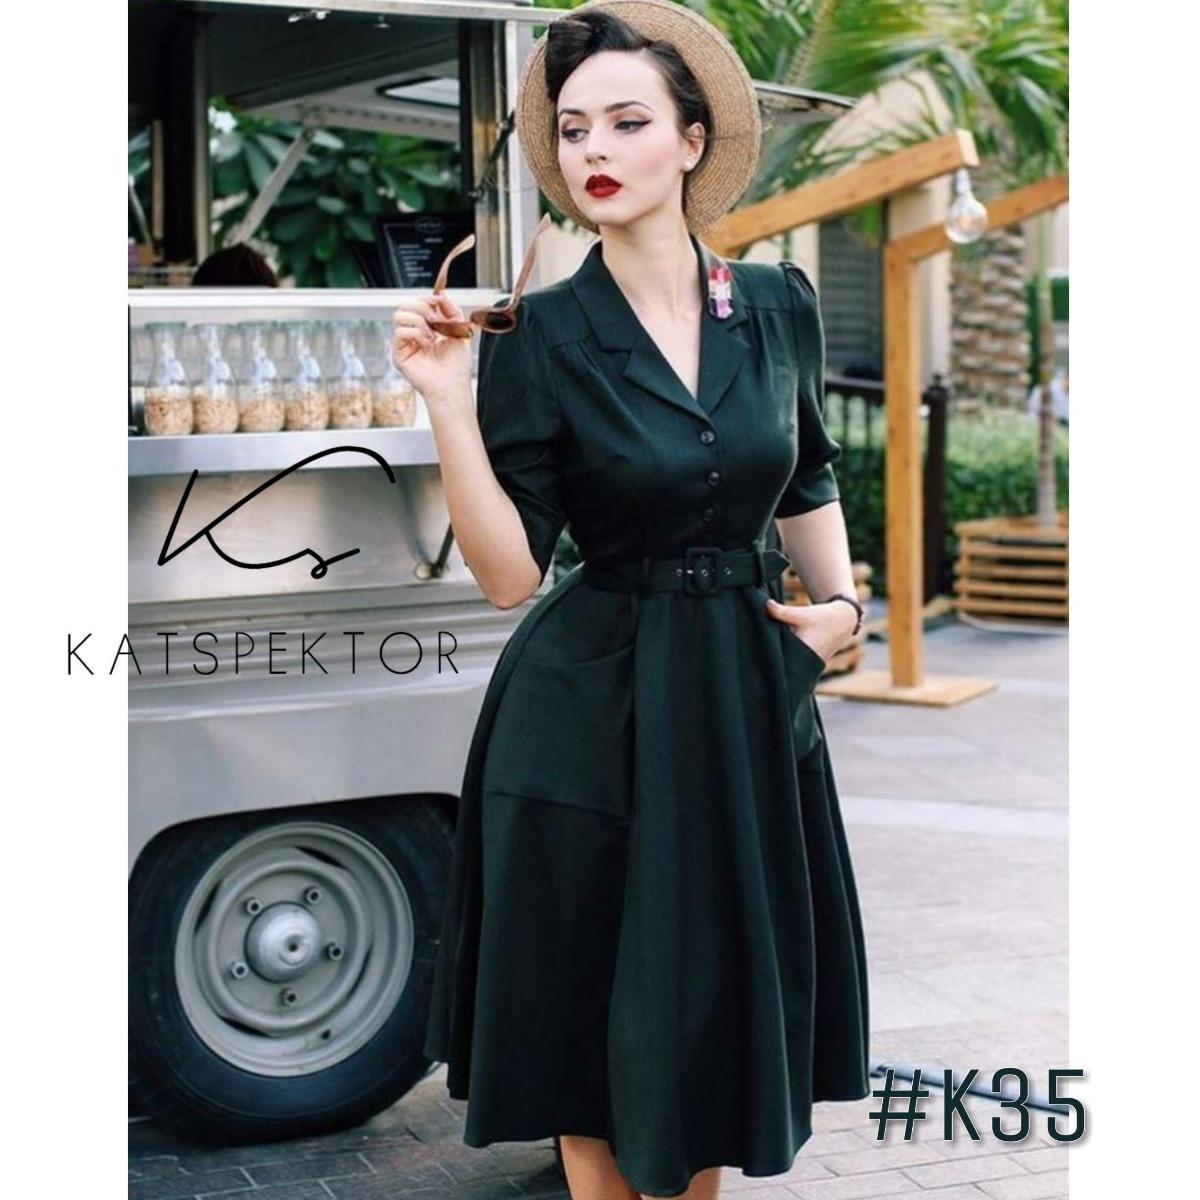 e824ead7c9 Vestido Camisero Vintage Elastizado Katspektor  k35 -   3.115